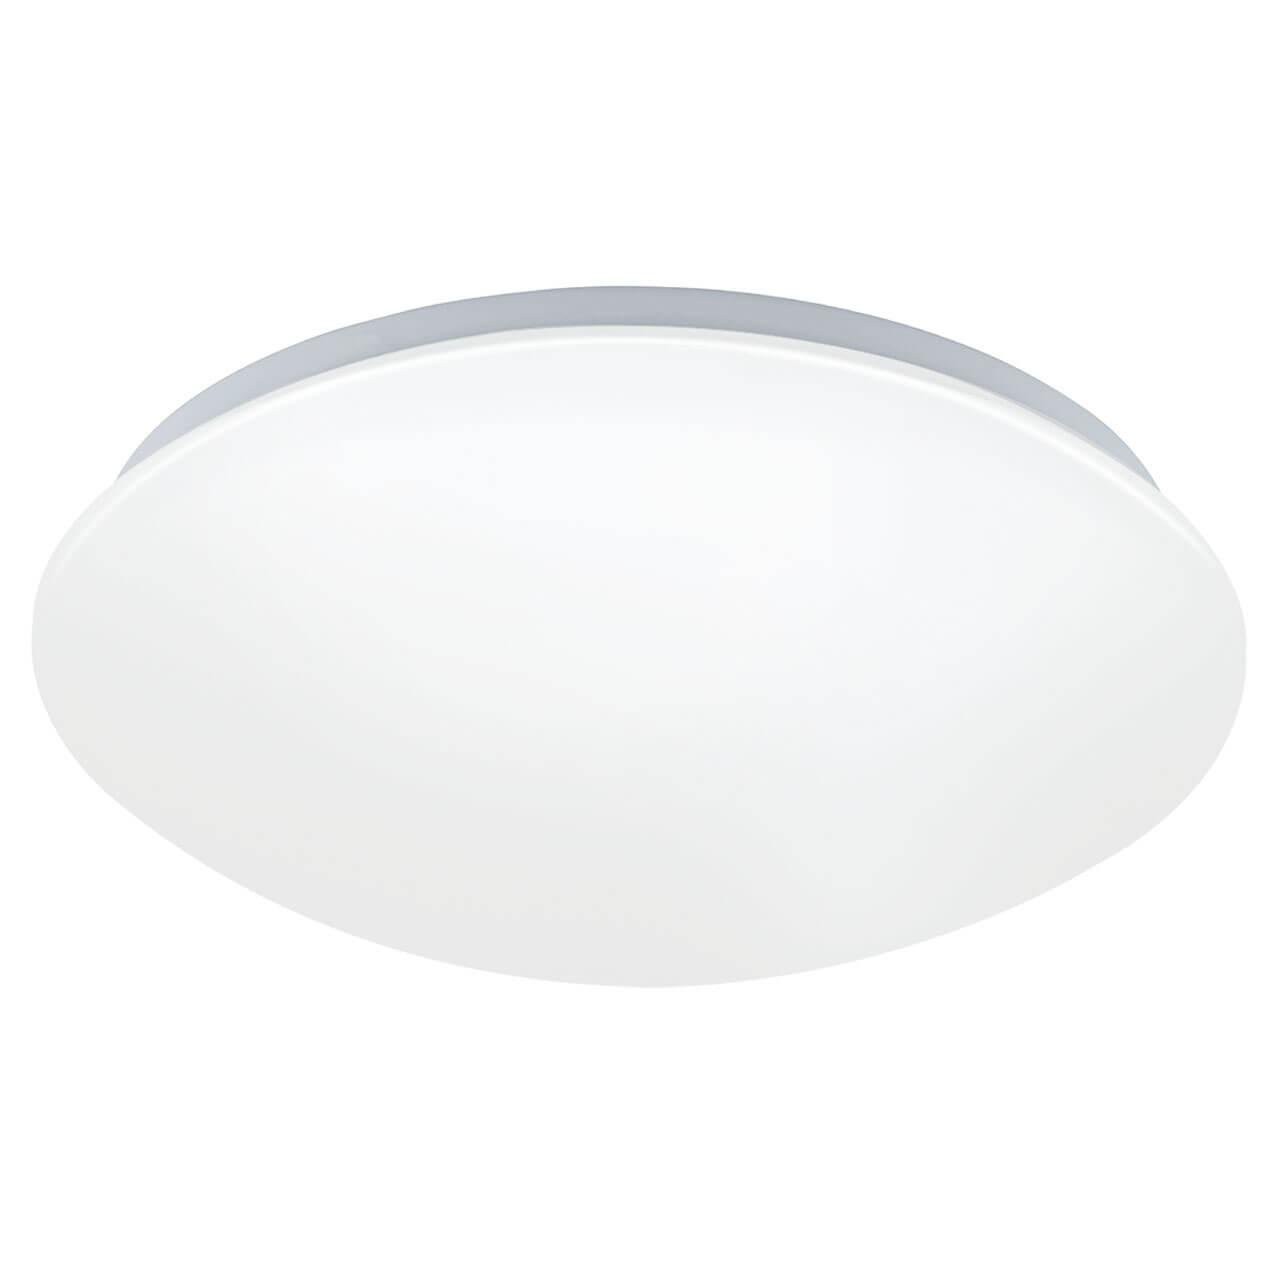 Накладной светильник Eglo 32589, LED, 17 Вт потолочный светодиодный светильник eglo giron c 32589